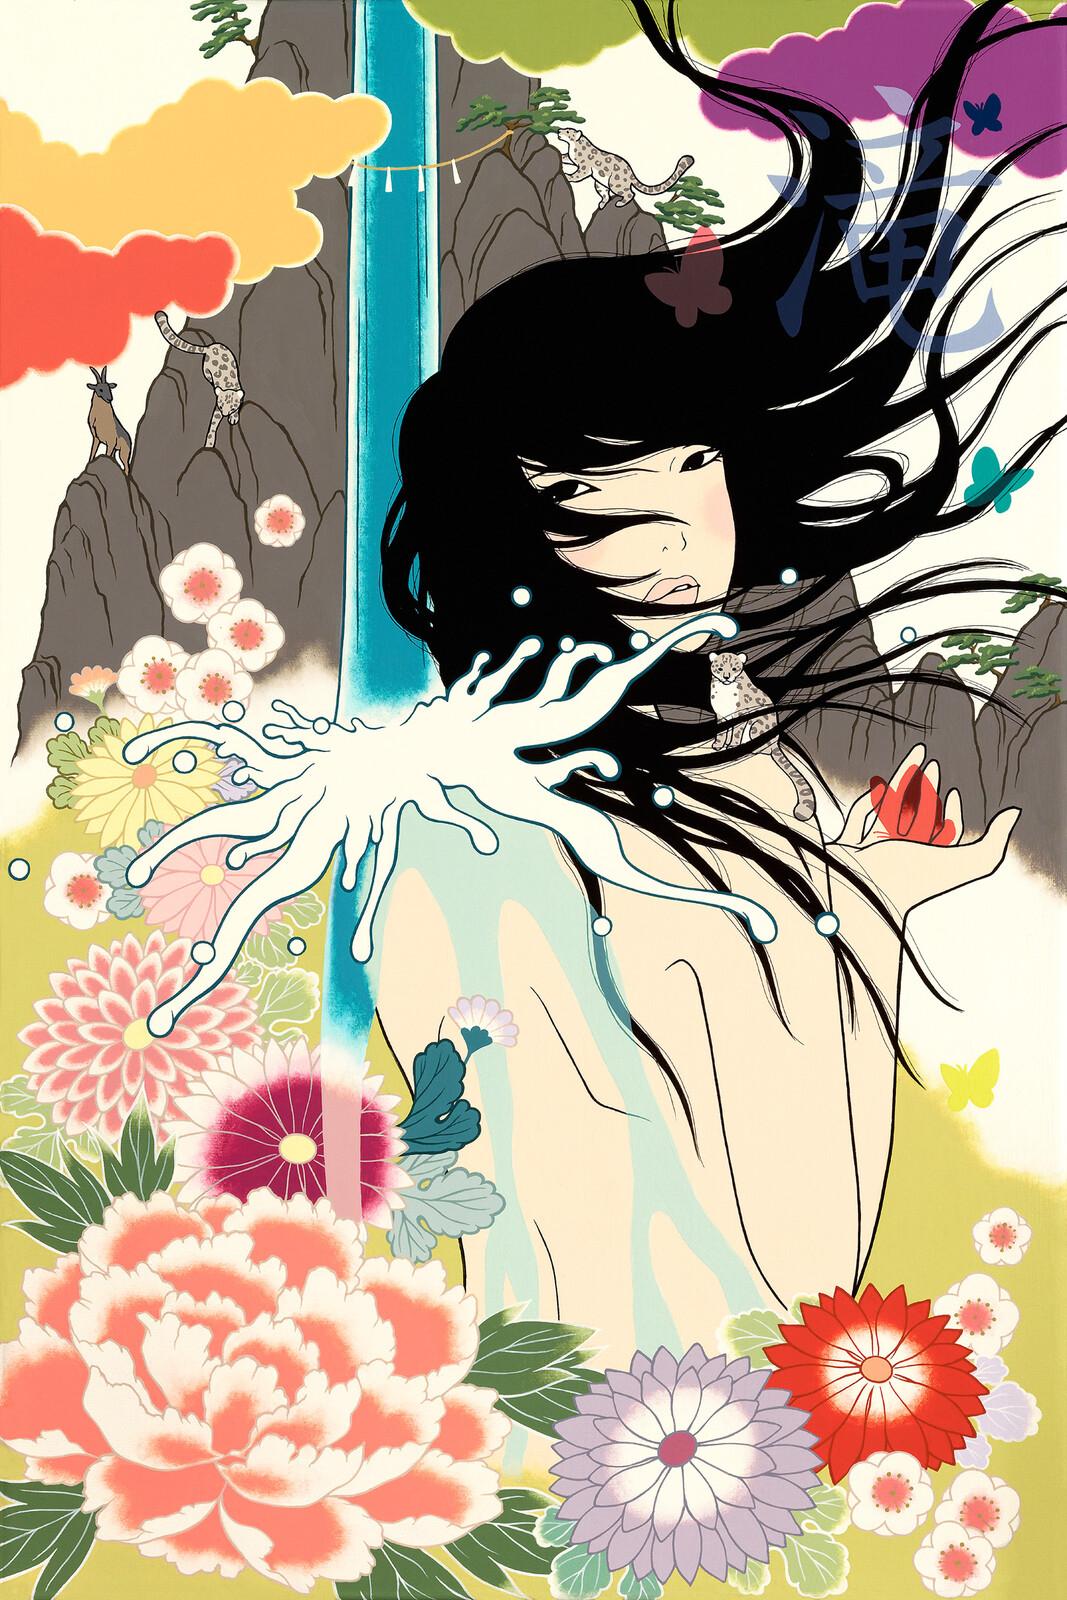 Taki (Water fall) - Yumiko Kayukawa